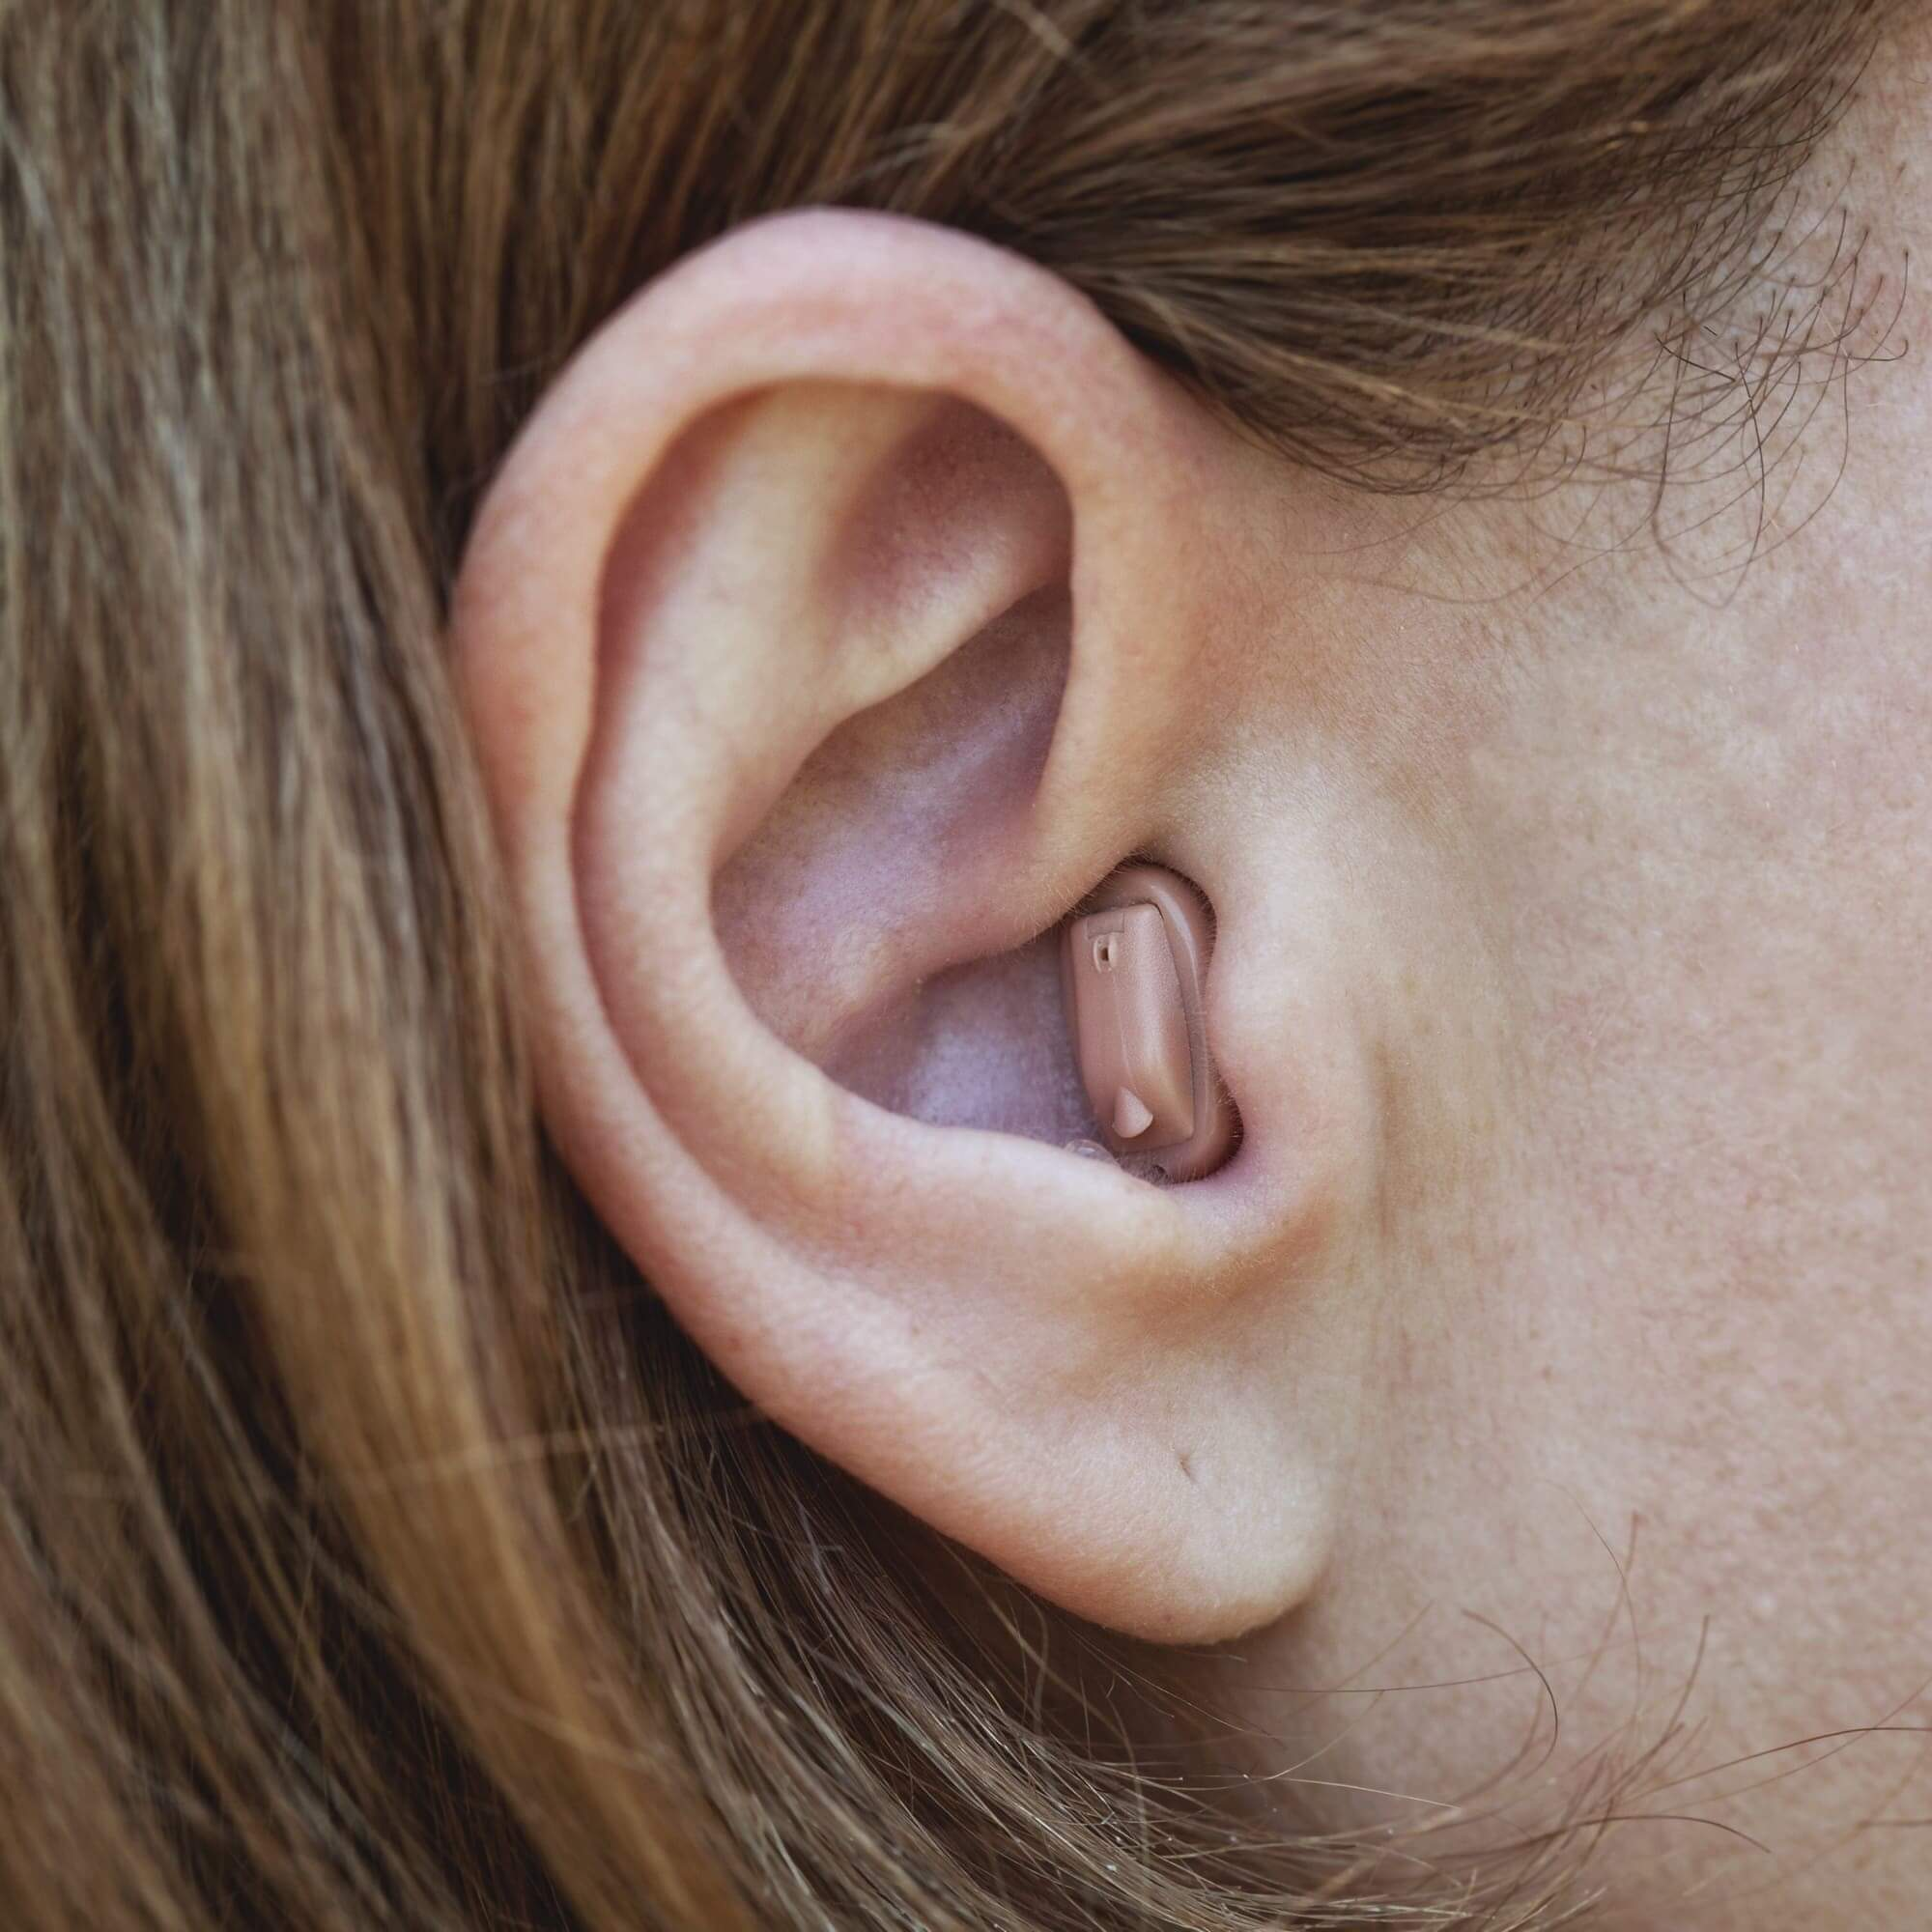 Слуховой аппарат внутриушной